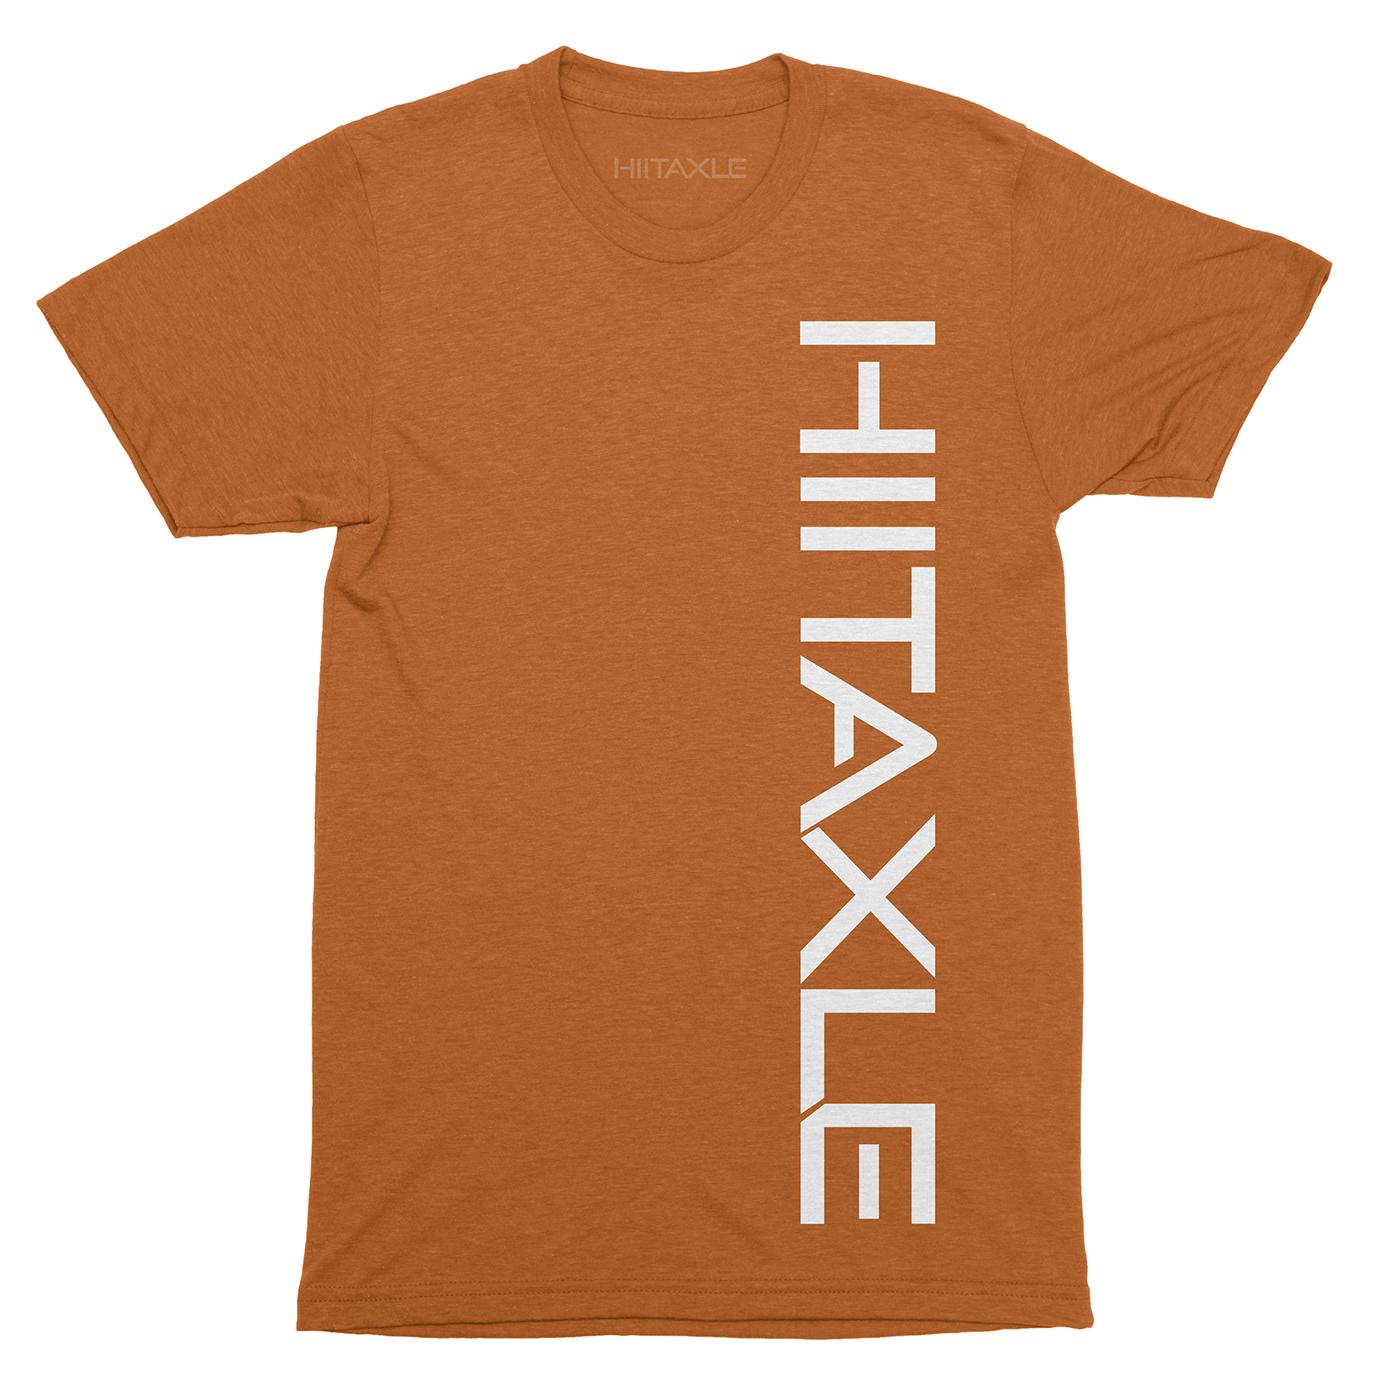 HIITAXLE Logo Tshirt in Orange